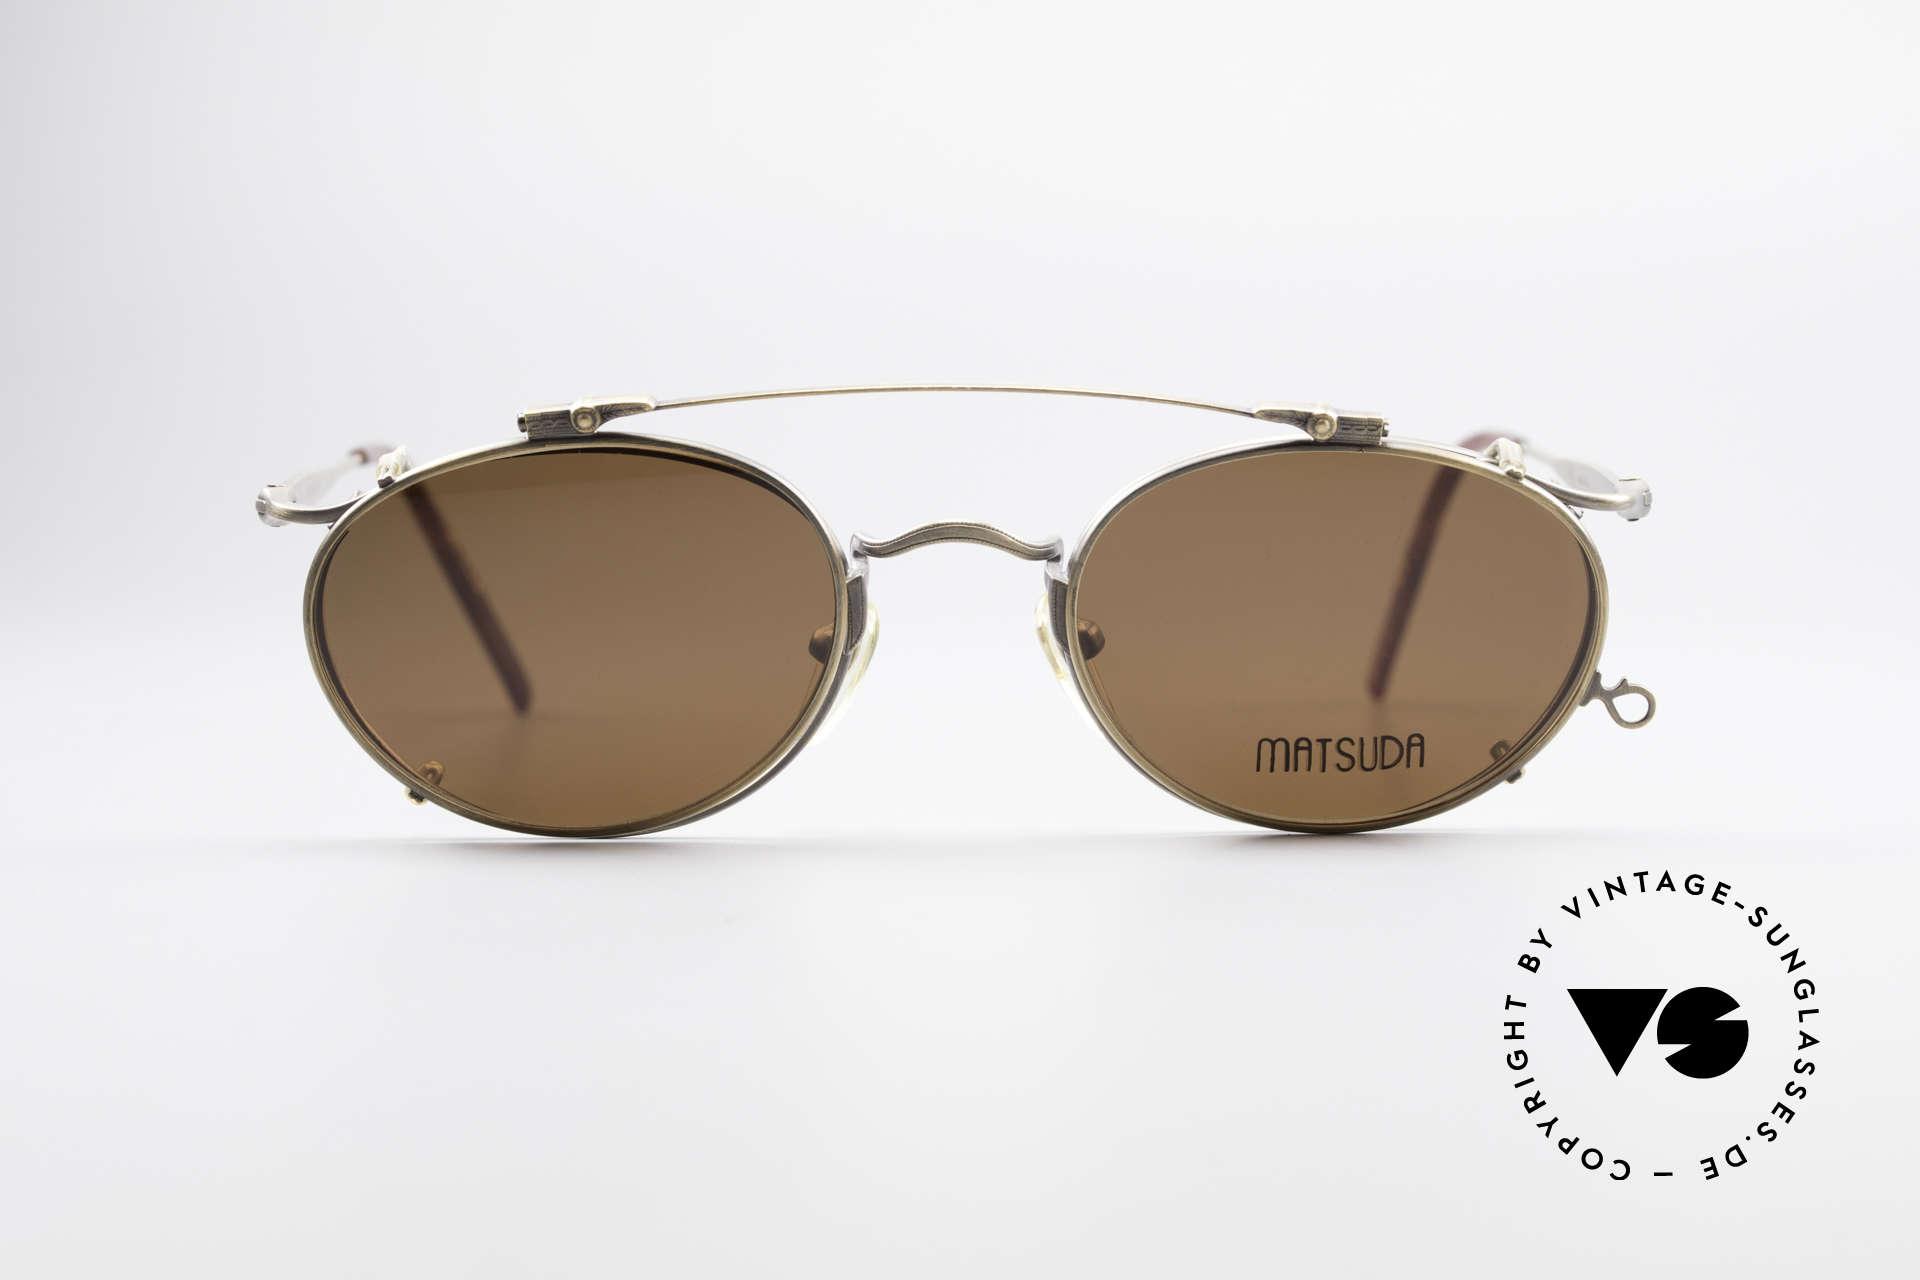 Matsuda 2853 Steampunk Vintage Brille, 'Steampunk-Sonnenbrille' der jap. 'Design-Manufaktur', Passend für Herren